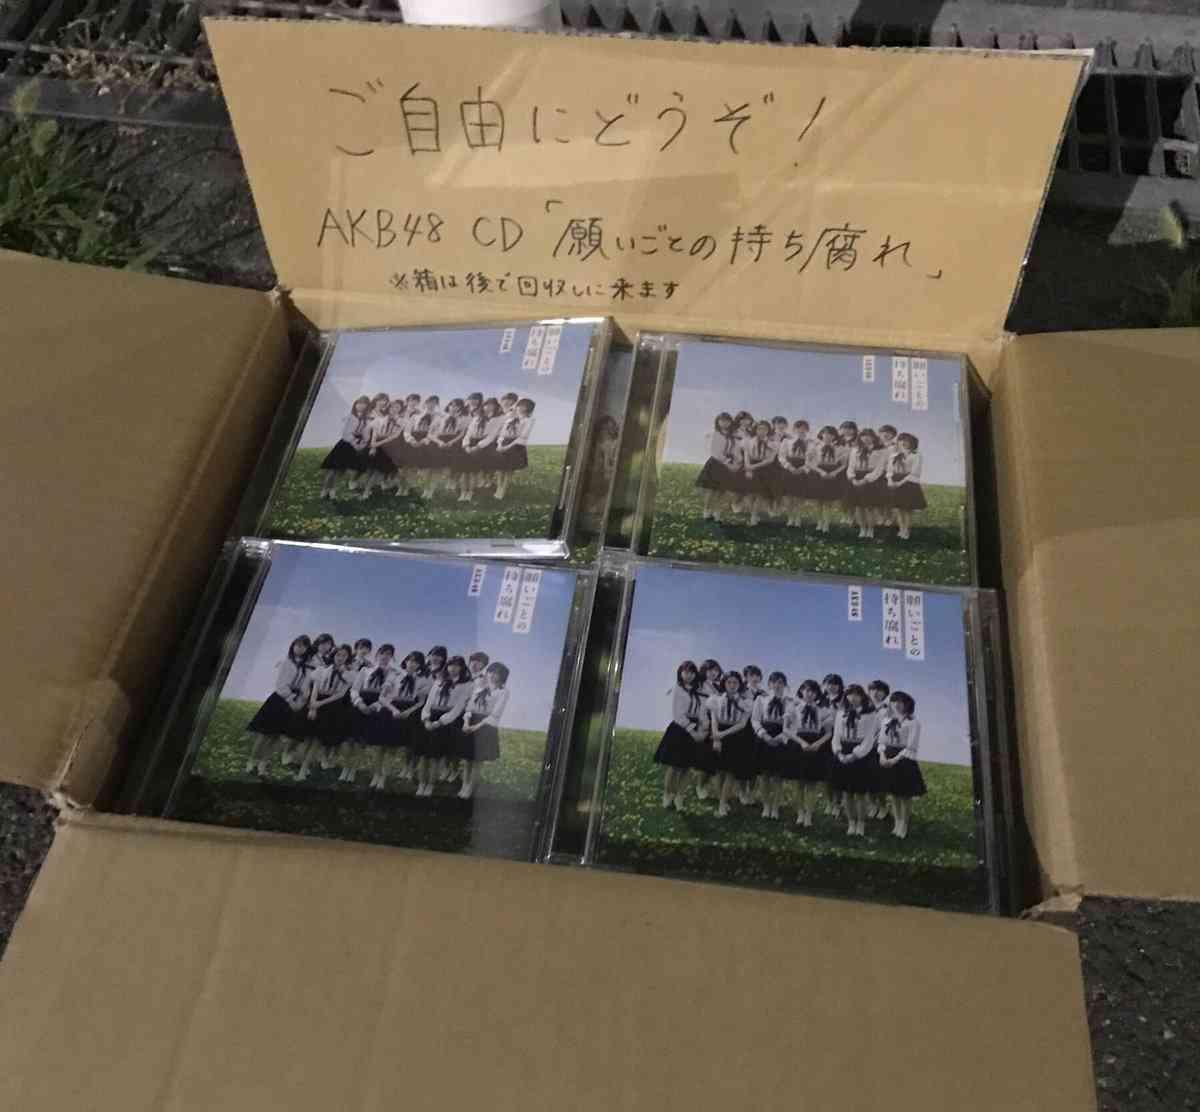 【オリコン】AKB48、音楽CD総売上5100万枚超え 女性歌手1位/歴代3位に浮上